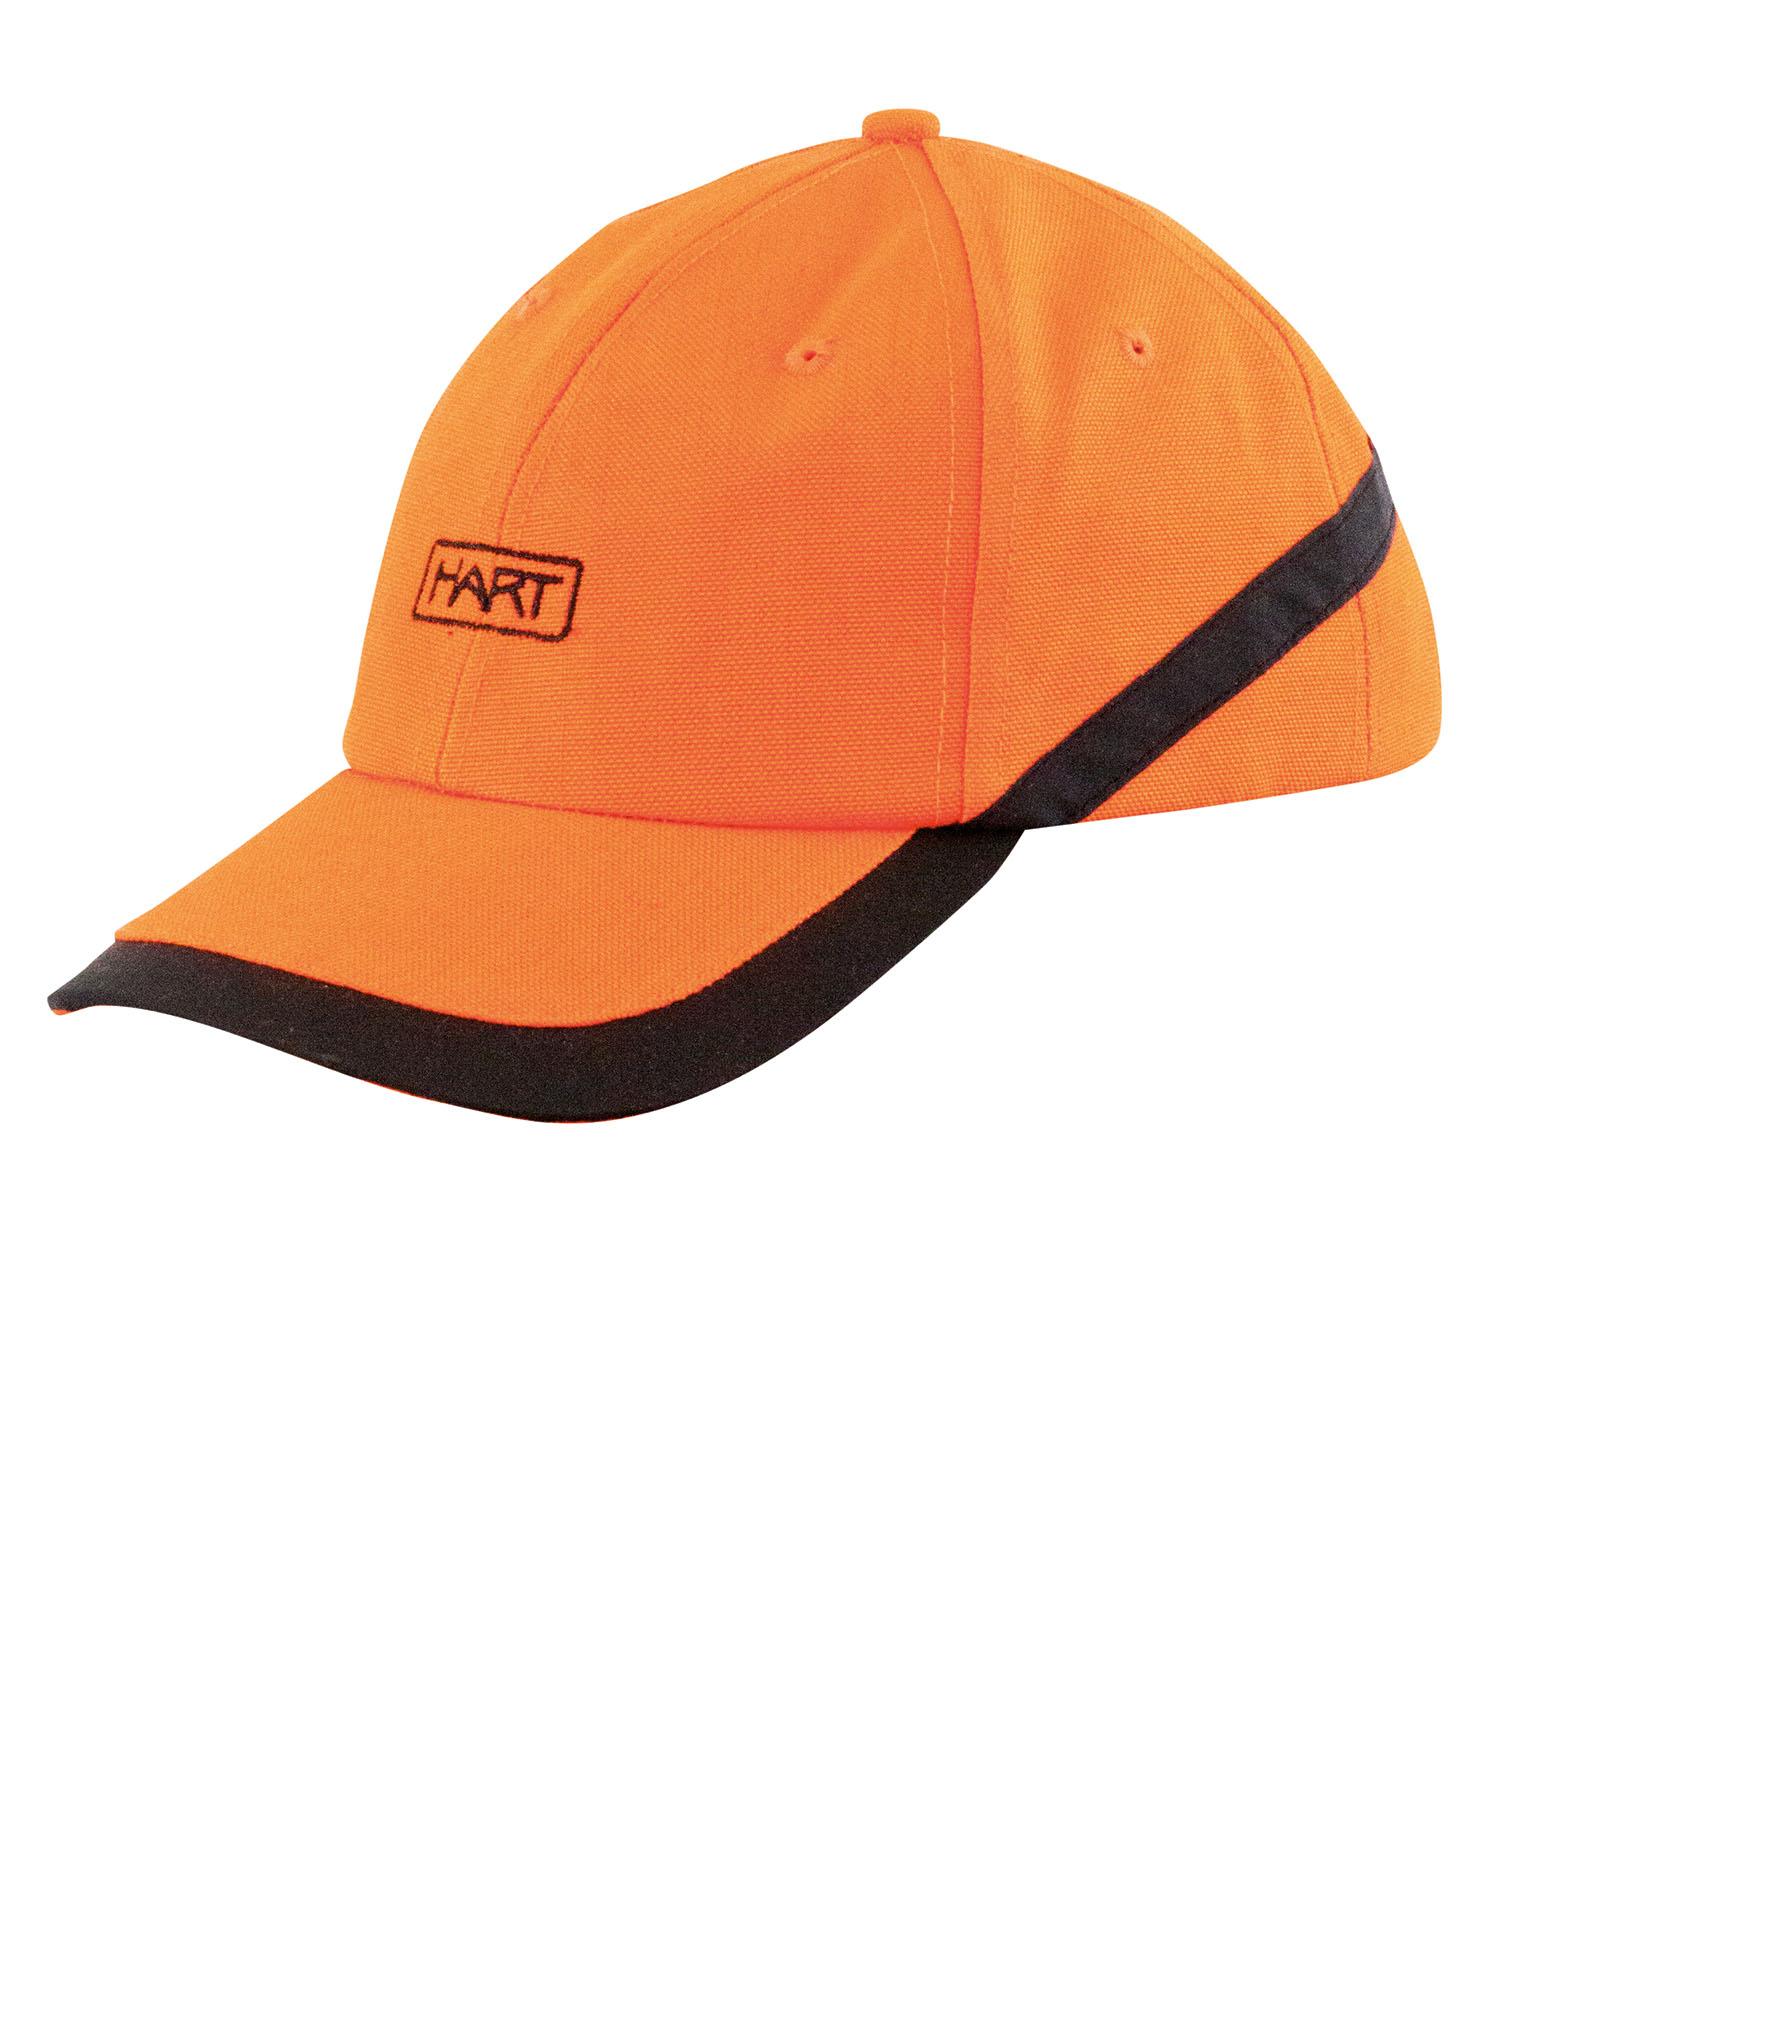 Καπέλα Hart Wild-c